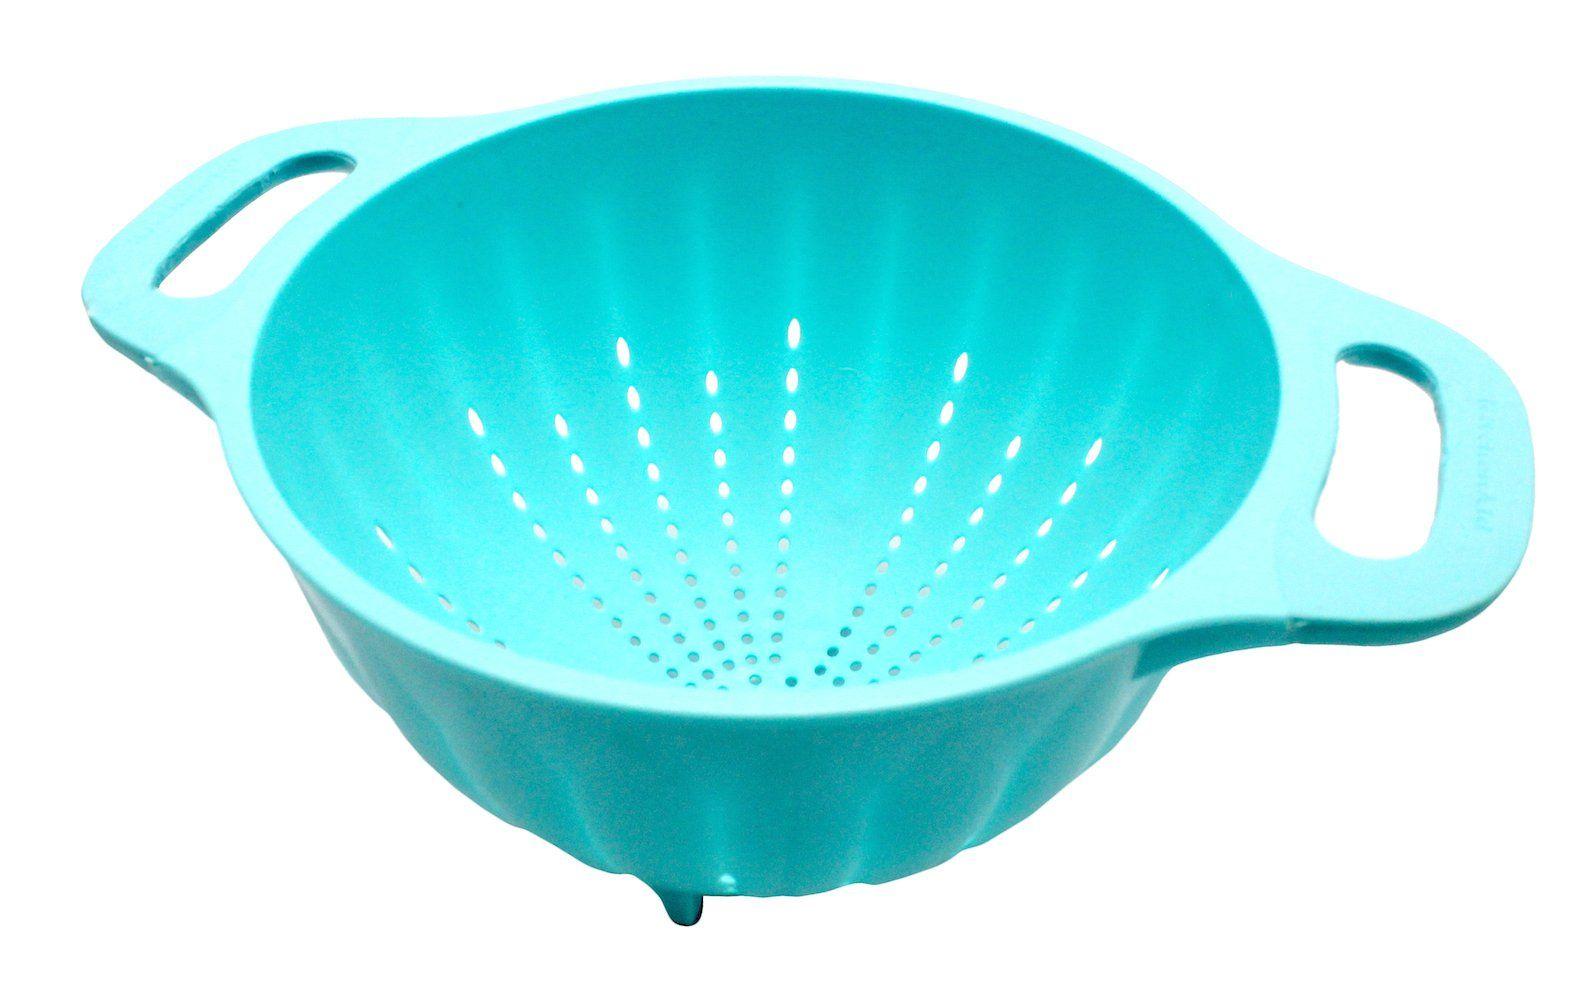 KitchenAid Colander, 5-Quart, Turquoise | Dream Kitchen | Pinterest ...